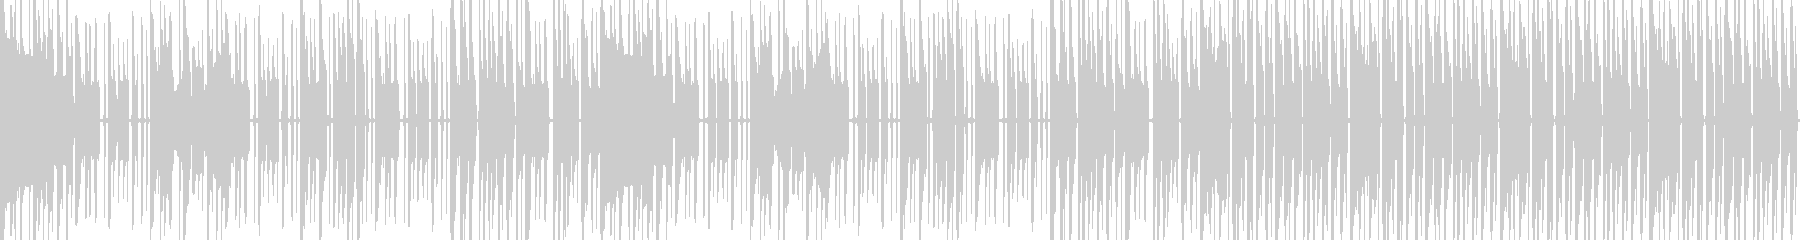 【ゲームボーイサウンド・チップチューン】の未再生の波形